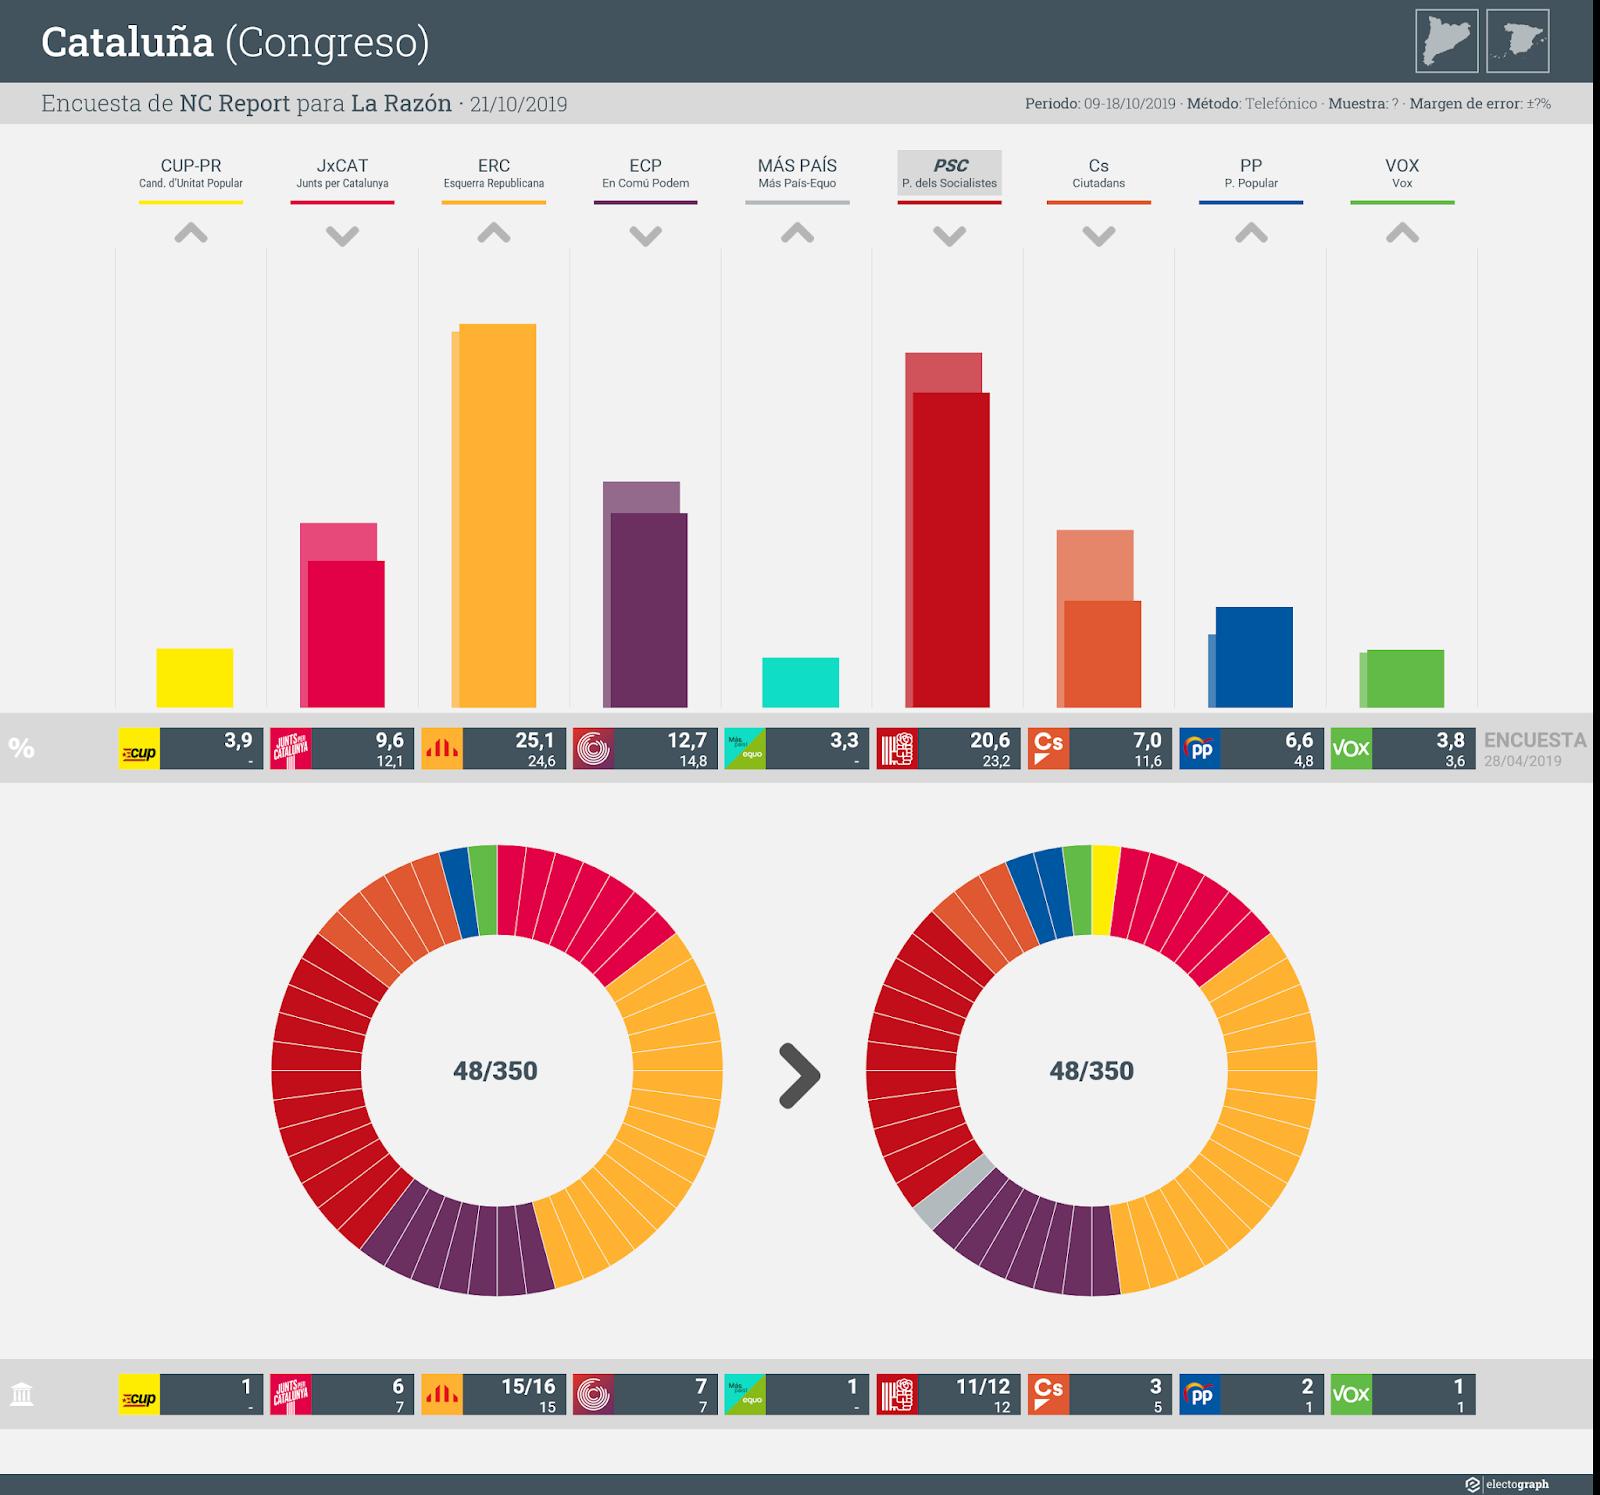 Gráfico de la encuesta para elecciones generales en Cataluña realizada por NC Report para La Razón, 21 de octubre de 2019